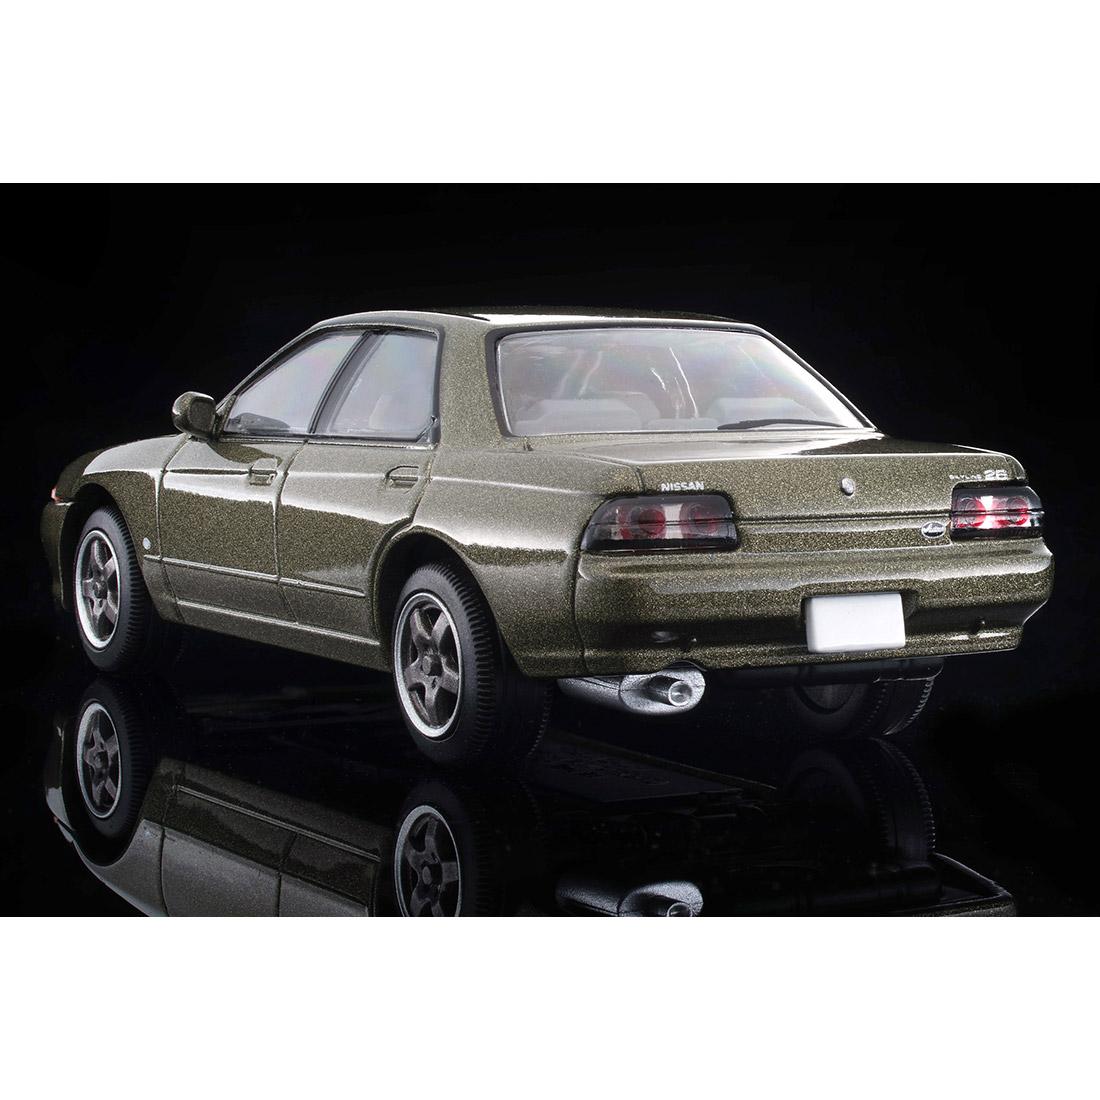 トミカリミテッド ヴィンテージ ネオ TLV-NEO『LV-N213a スカイライン オーテックバージョン』ミニカー-009